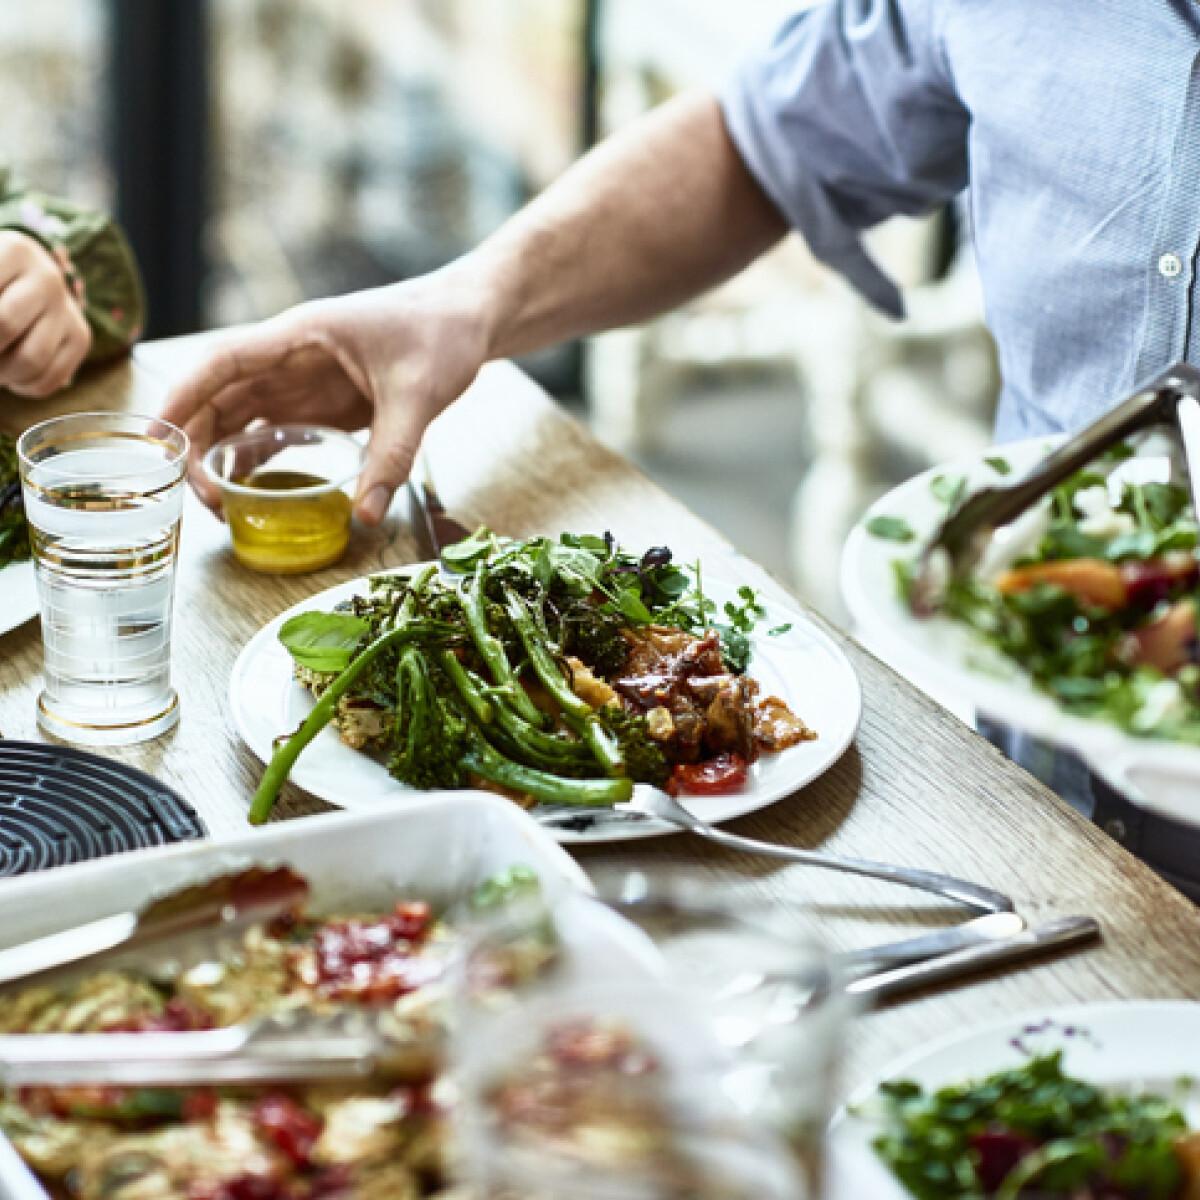 mit kell tenni a zsírvesztés ellen